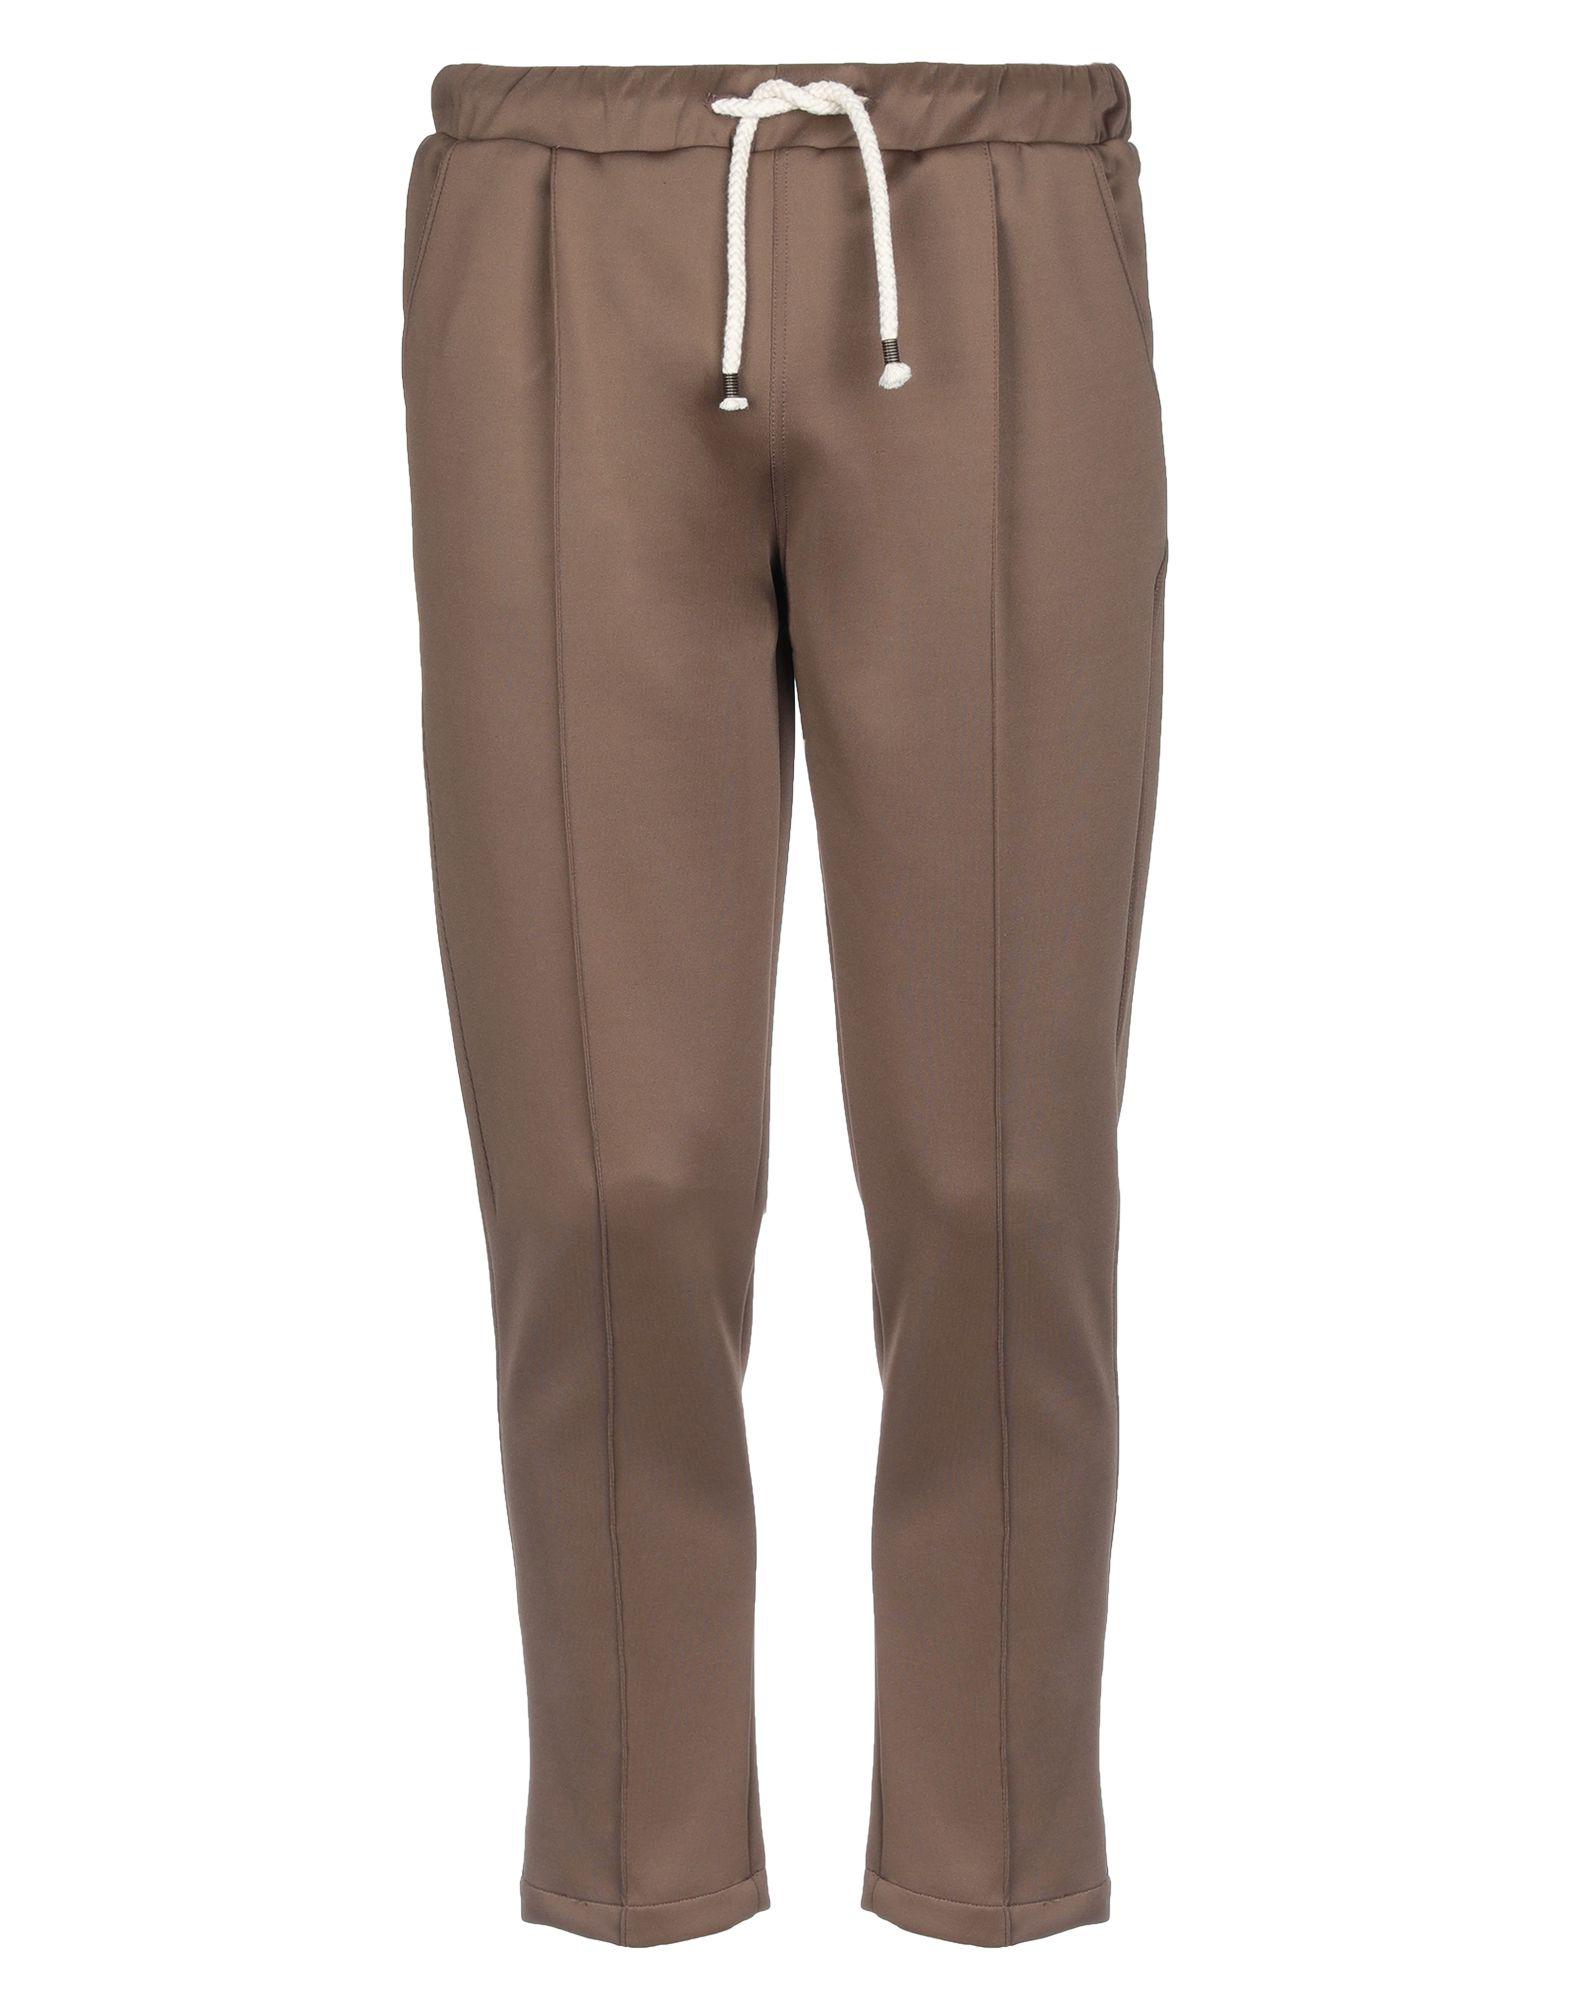 《セール開催中》THE KINGLESS COLLECTIVE メンズ パンツ ココア M コットン 100% / ポリエステル / ナイロン / ポリウレタン?